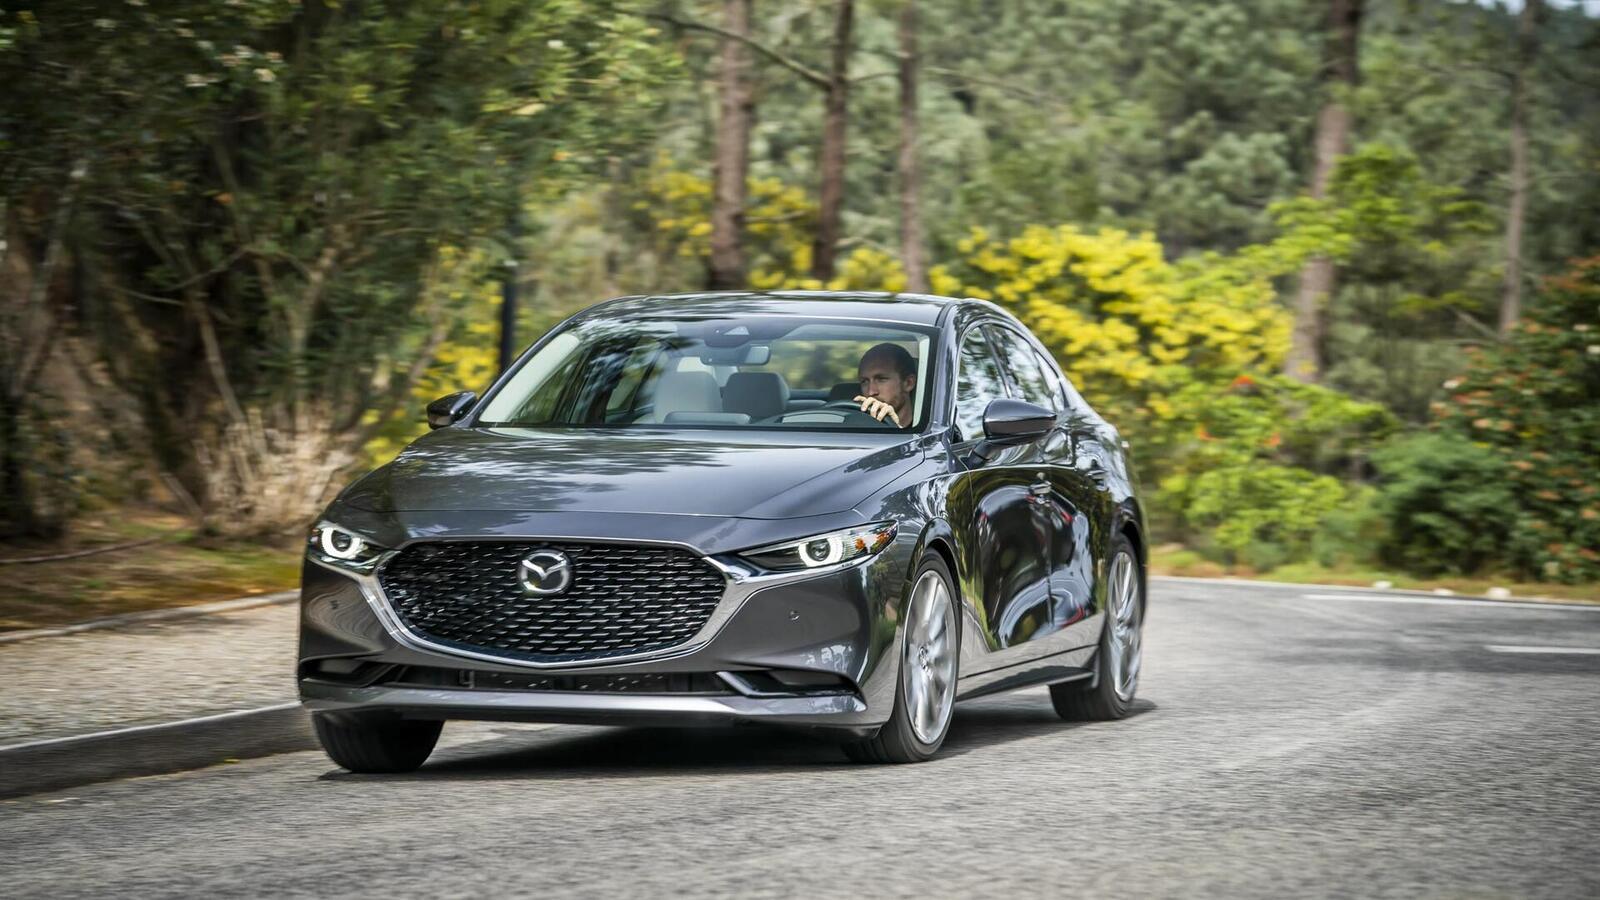 Mazda3 thế hệ mới chốt lịch ra mắt tại Malaysia vào tháng sau; giá dự kiến từ 764 triệu đồng - Hình 1